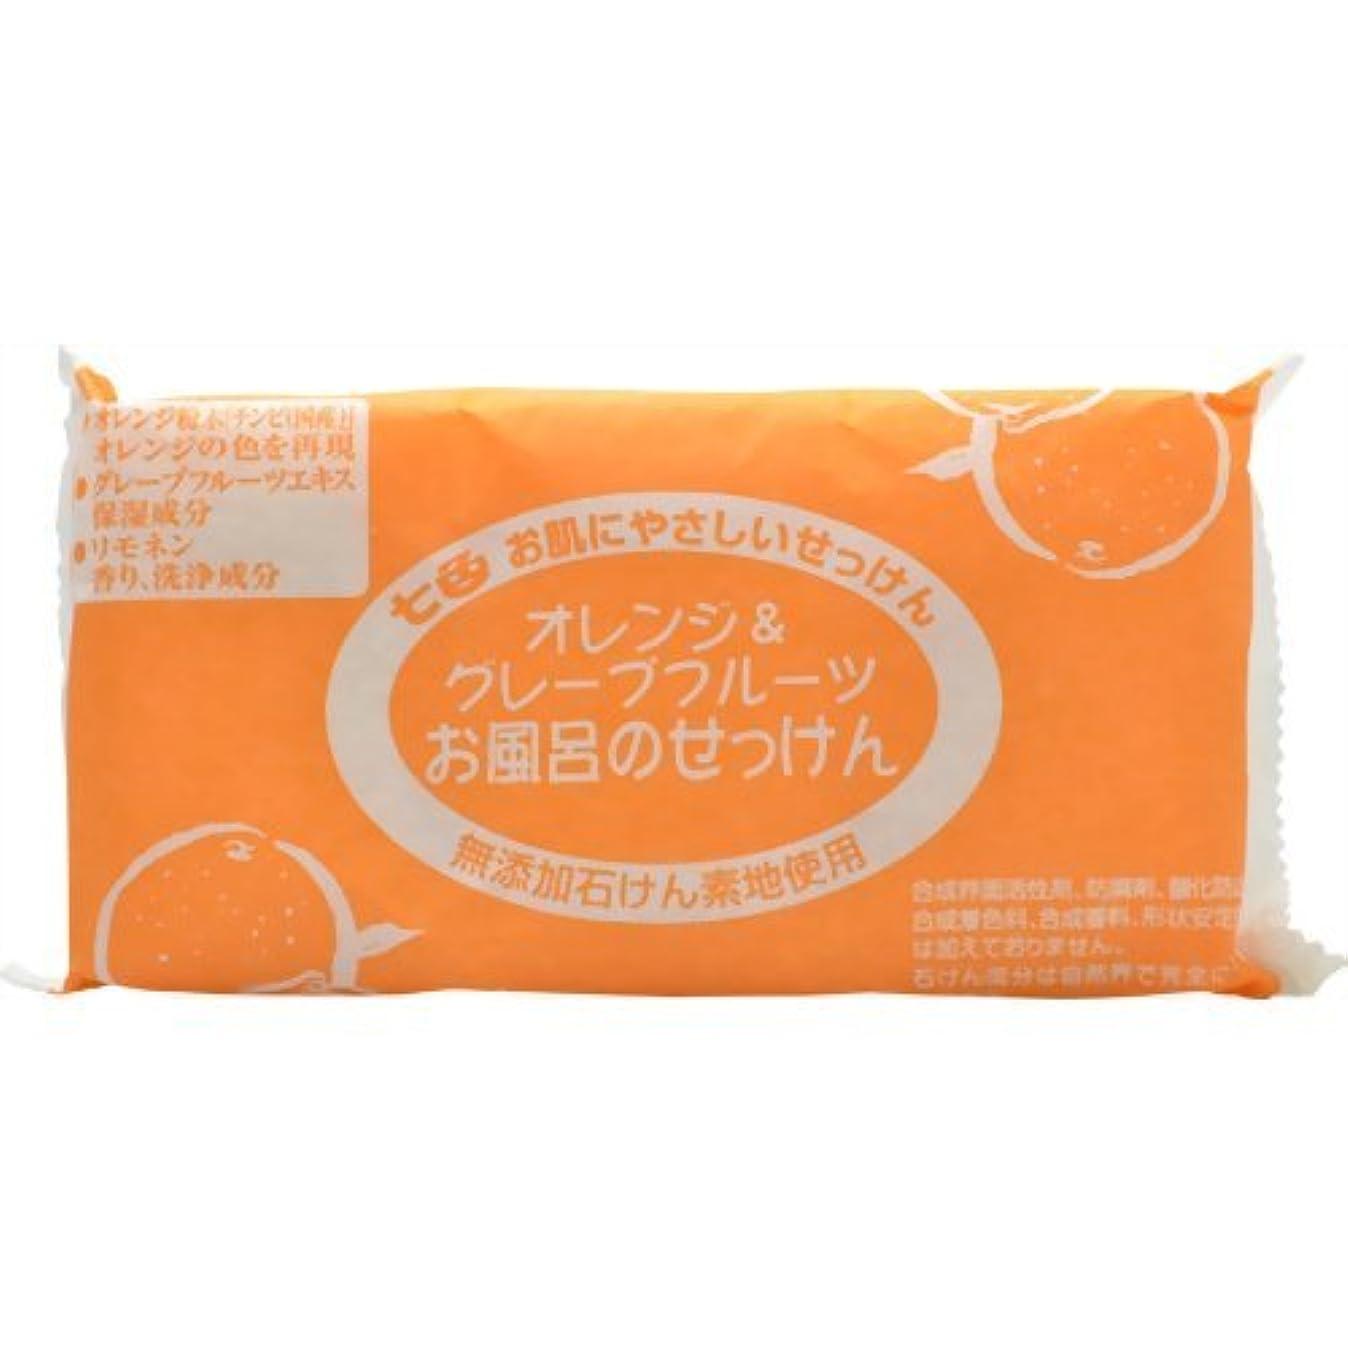 古くなった記念碑的なスクリーチまるは オレンジ&グレープフルーツ お風呂の石鹸 3個入り